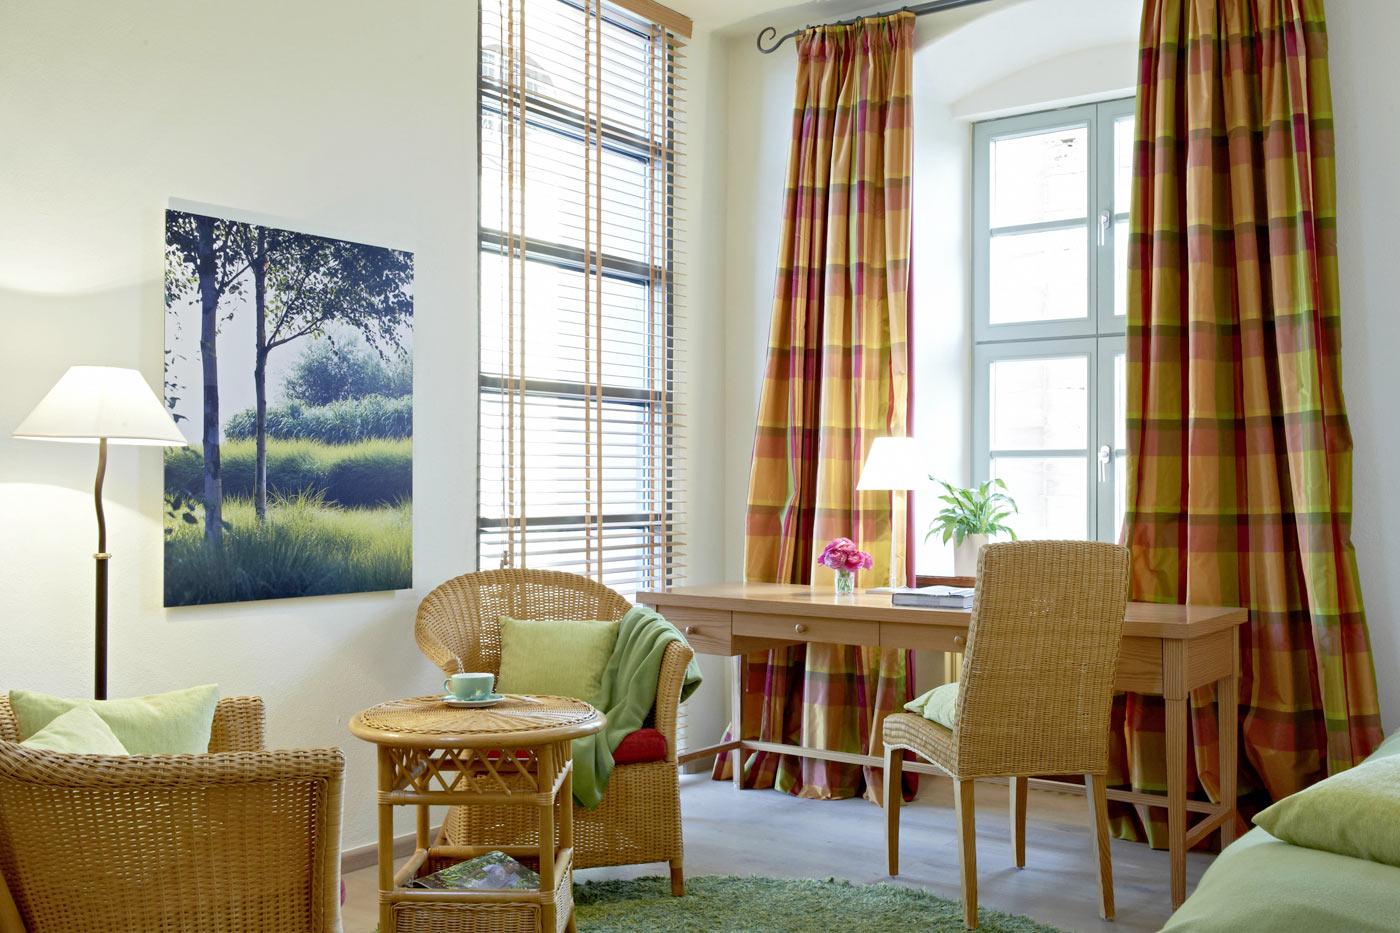 bildergalerien und videos des hotel kloster hornbach. Black Bedroom Furniture Sets. Home Design Ideas